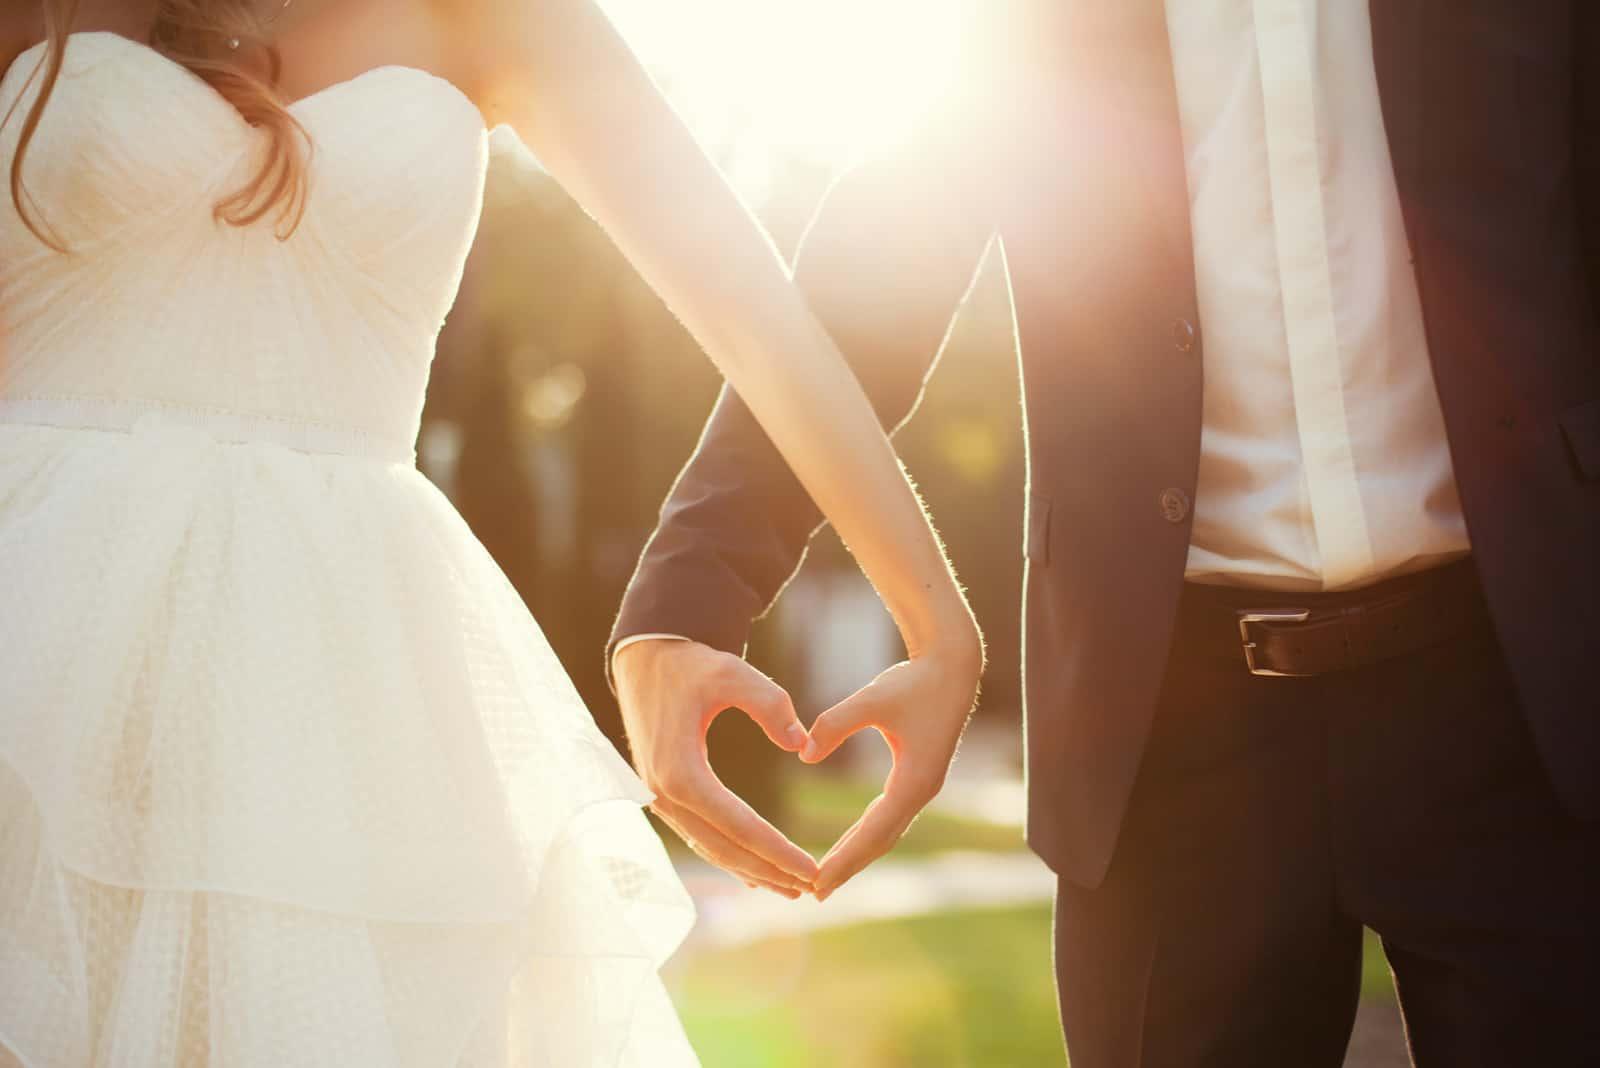 Die schönsten Glückwünsche zur Hochzeit nach langem Zusammenleben